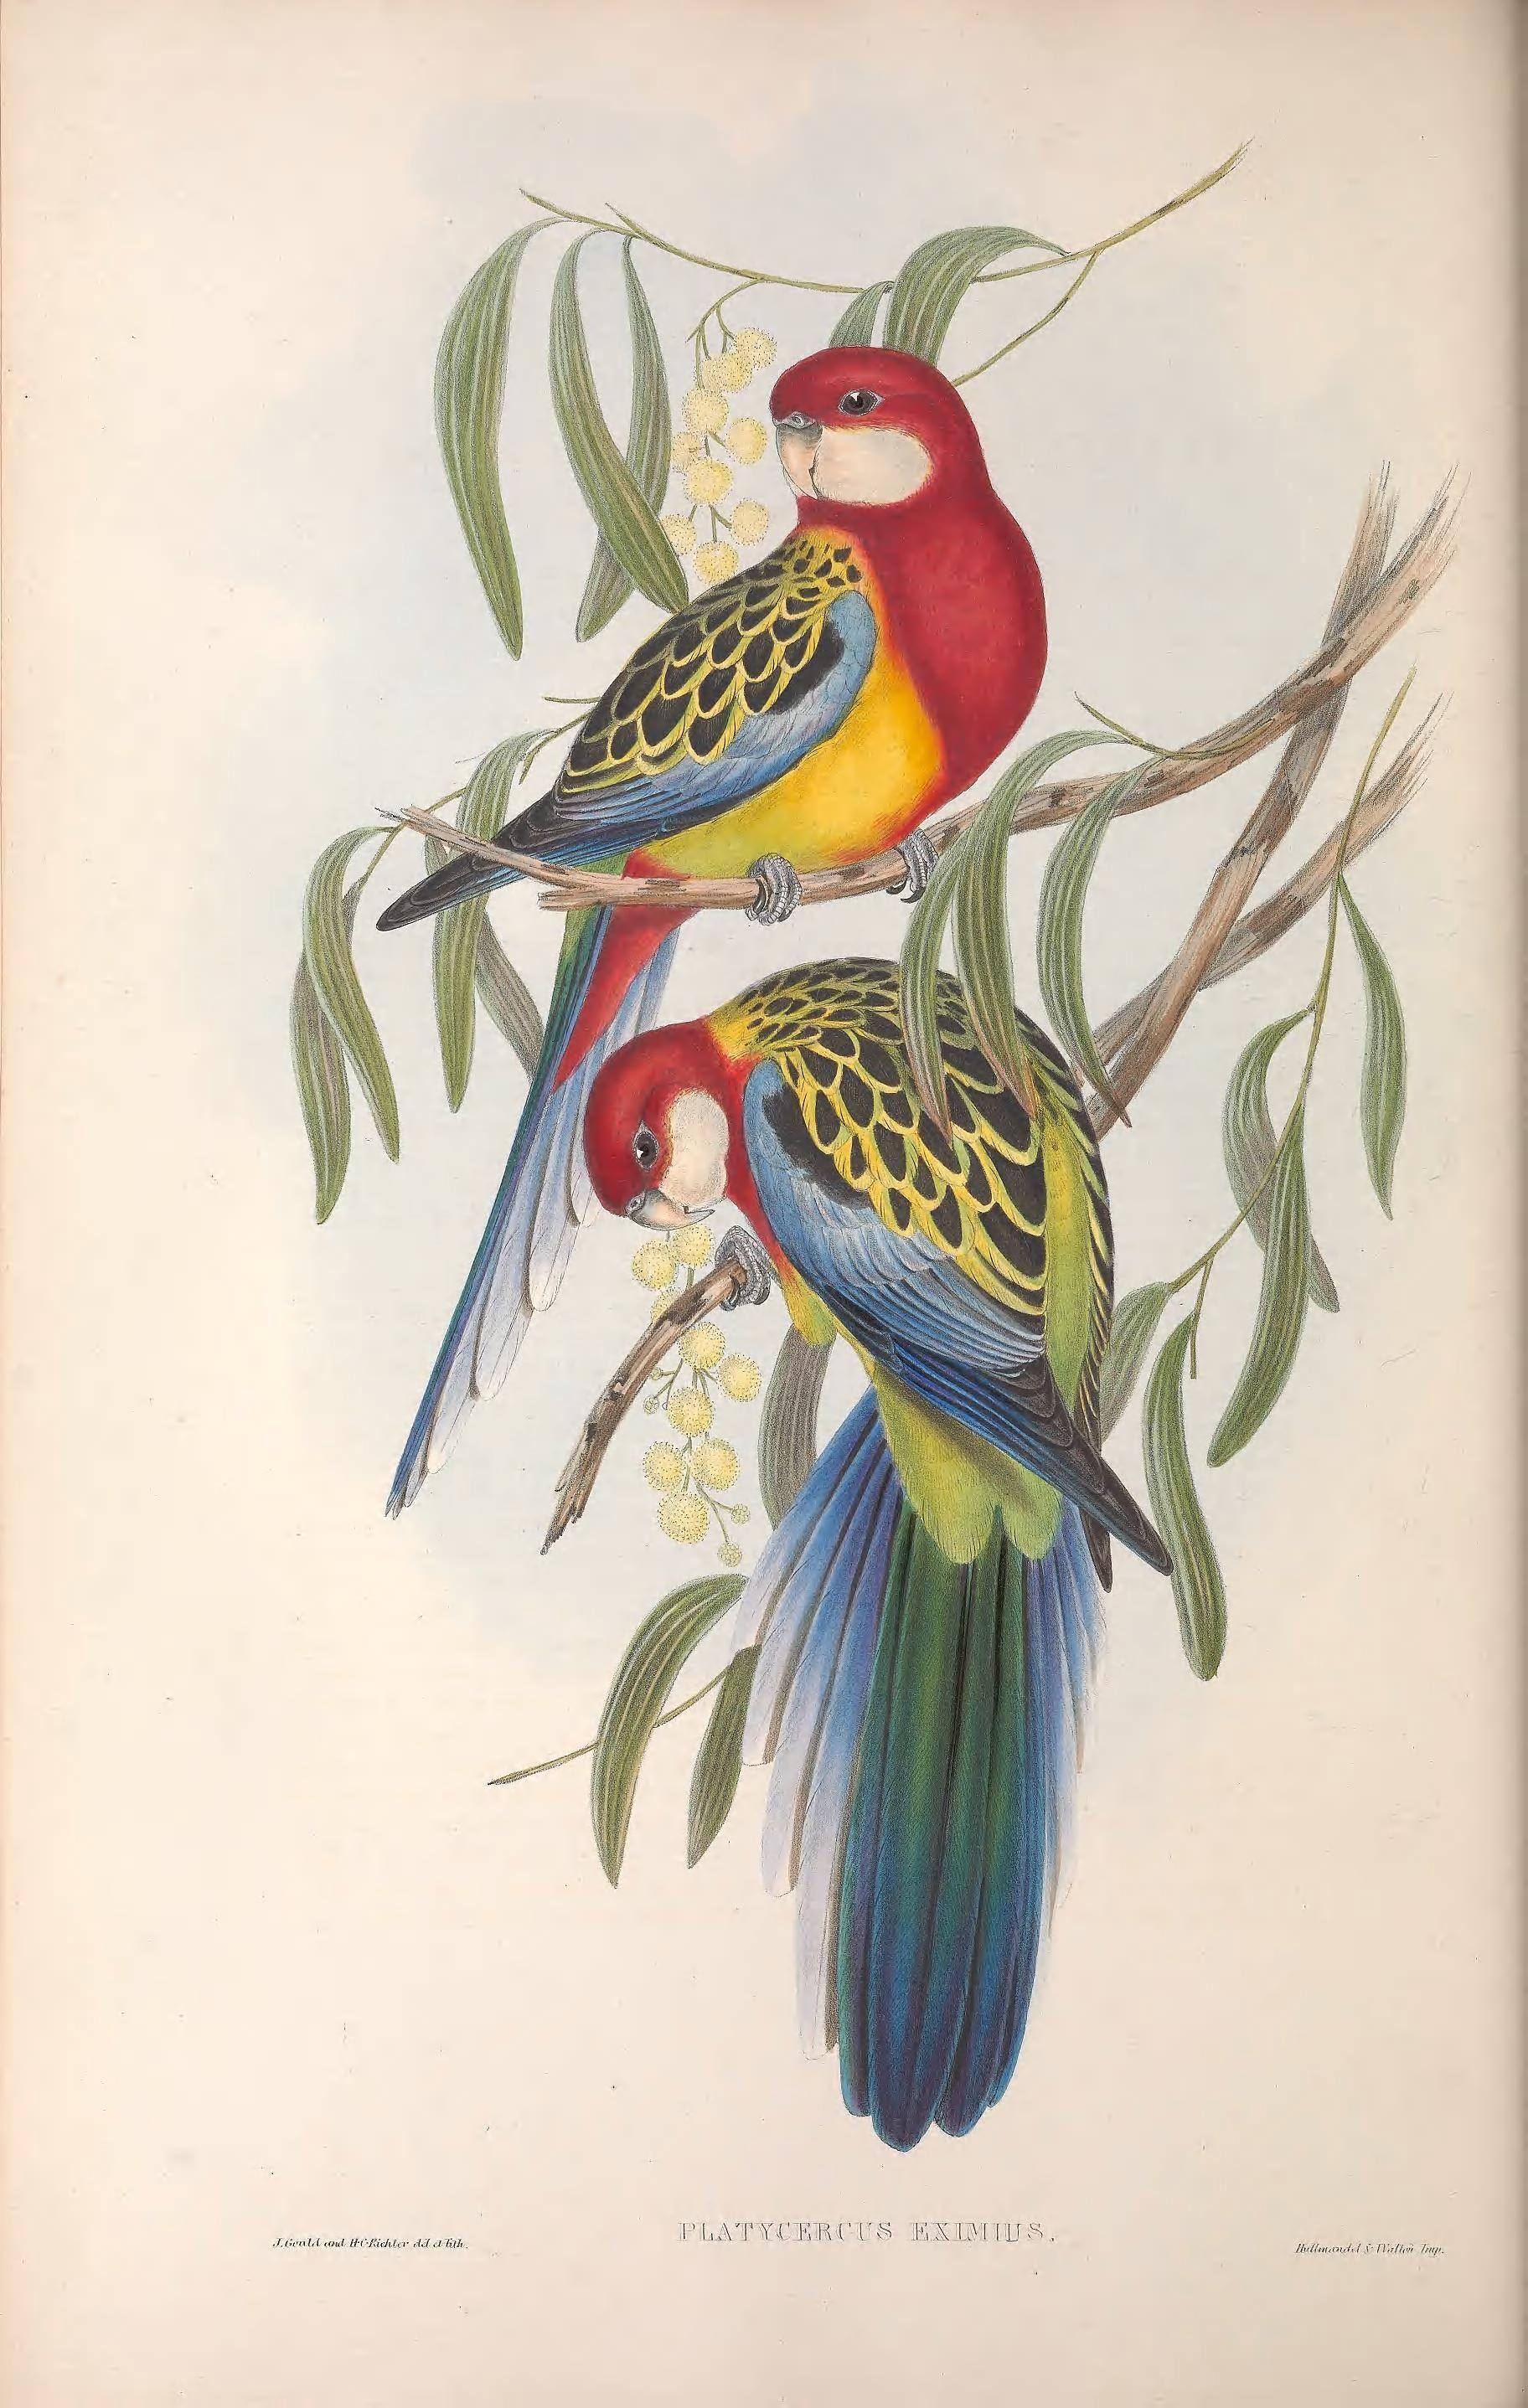 John Gould Canvas poster prints Australia vintage painting birds parrot art